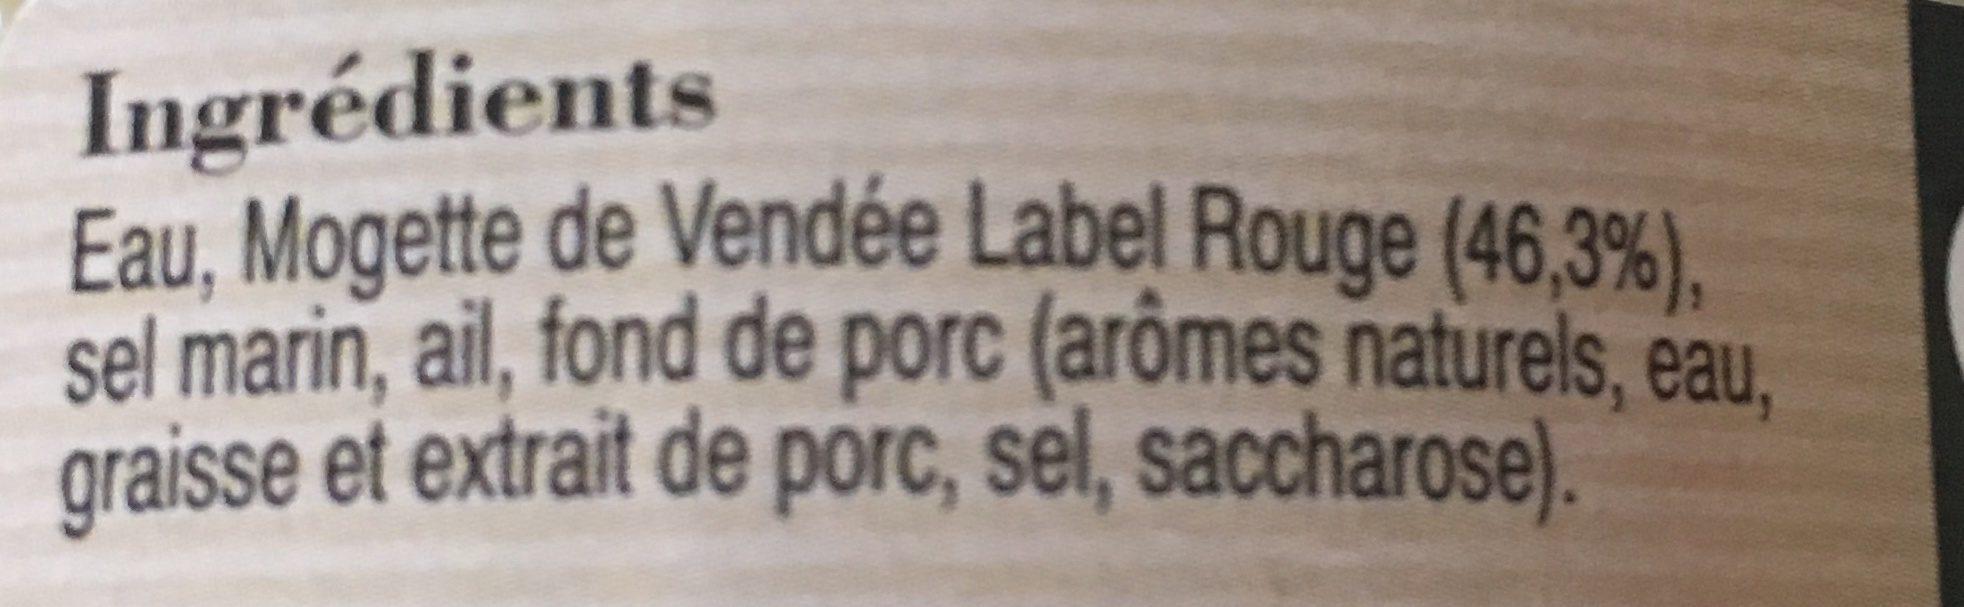 Mogette de Vendée à la campagnarde - Ingrédients